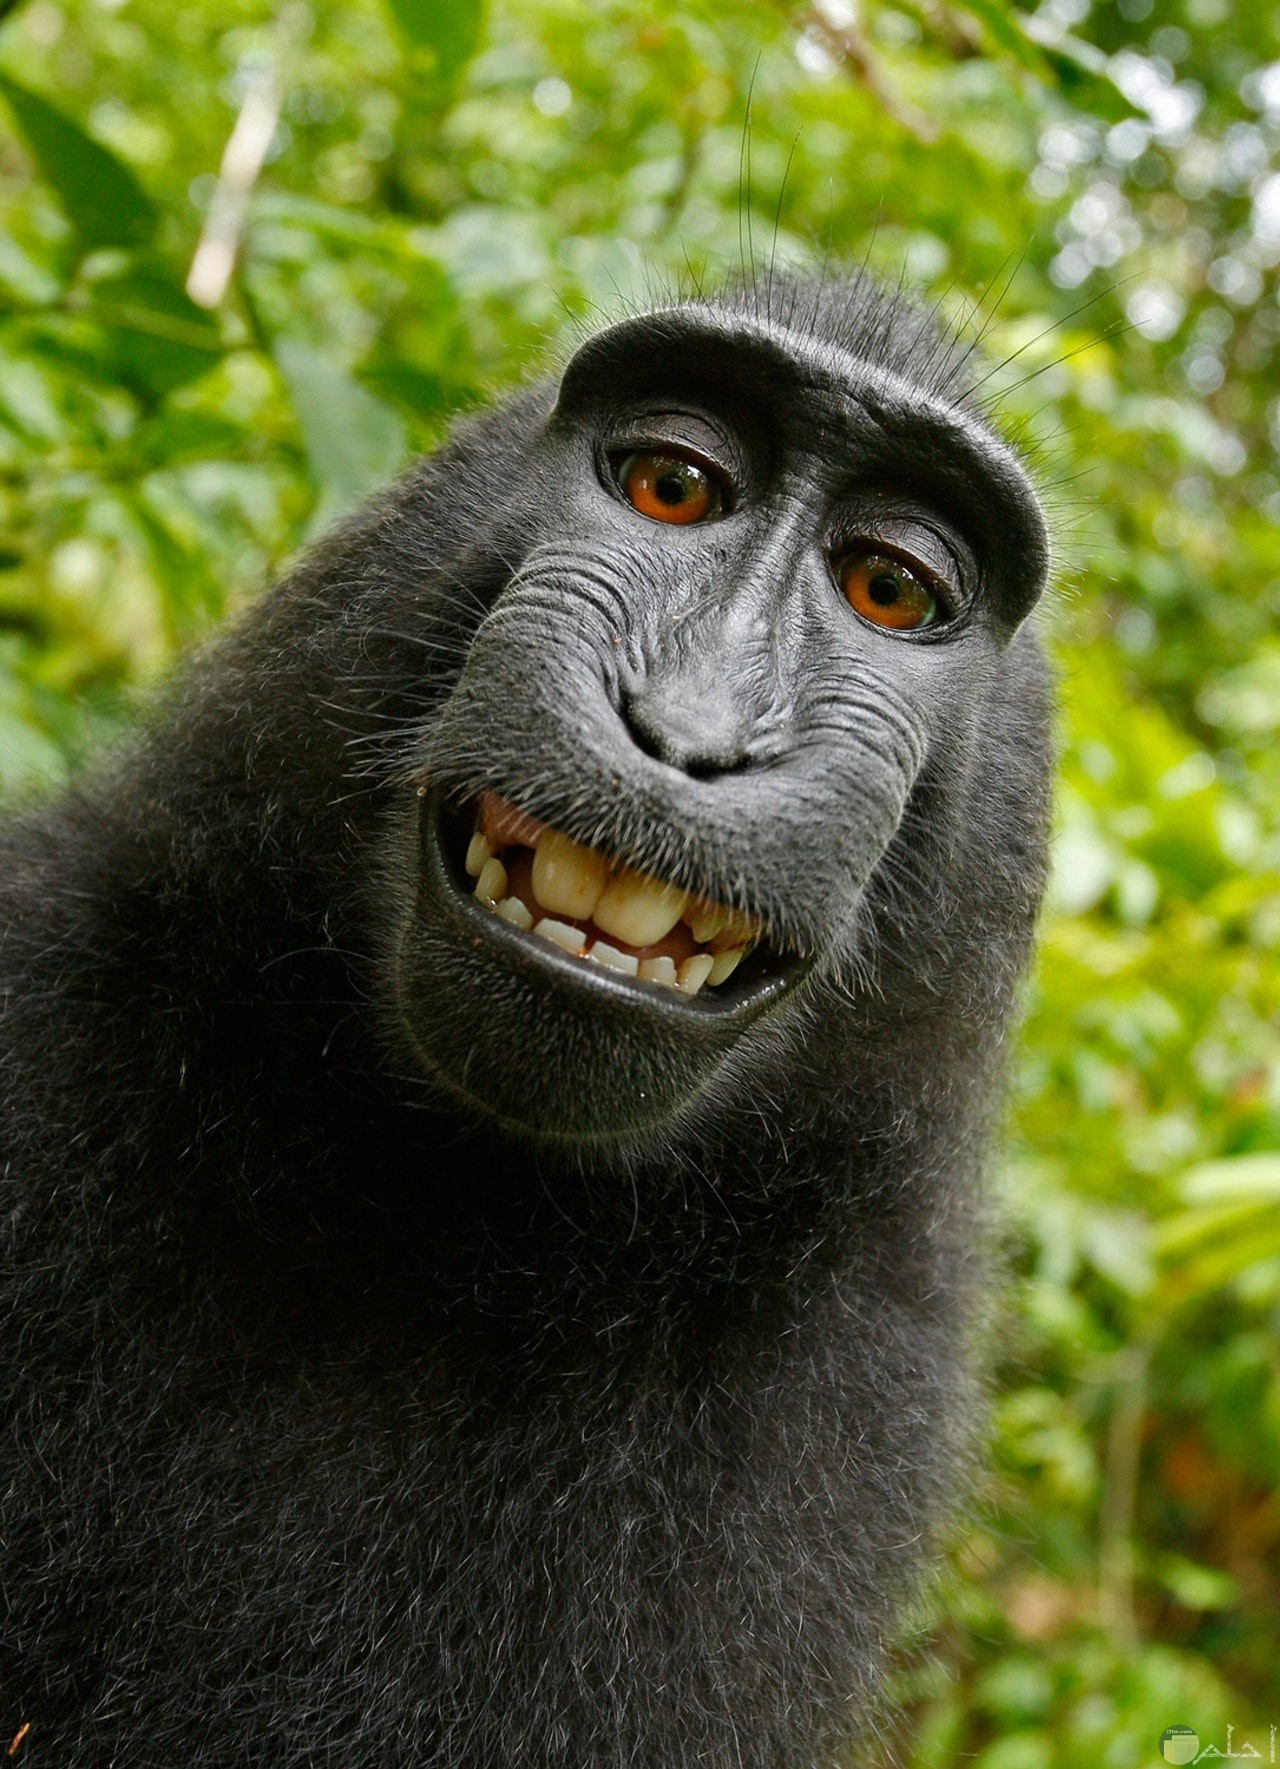 صورة كوميدية لقرد شامبانزي بضحكة جميلة ومميزة